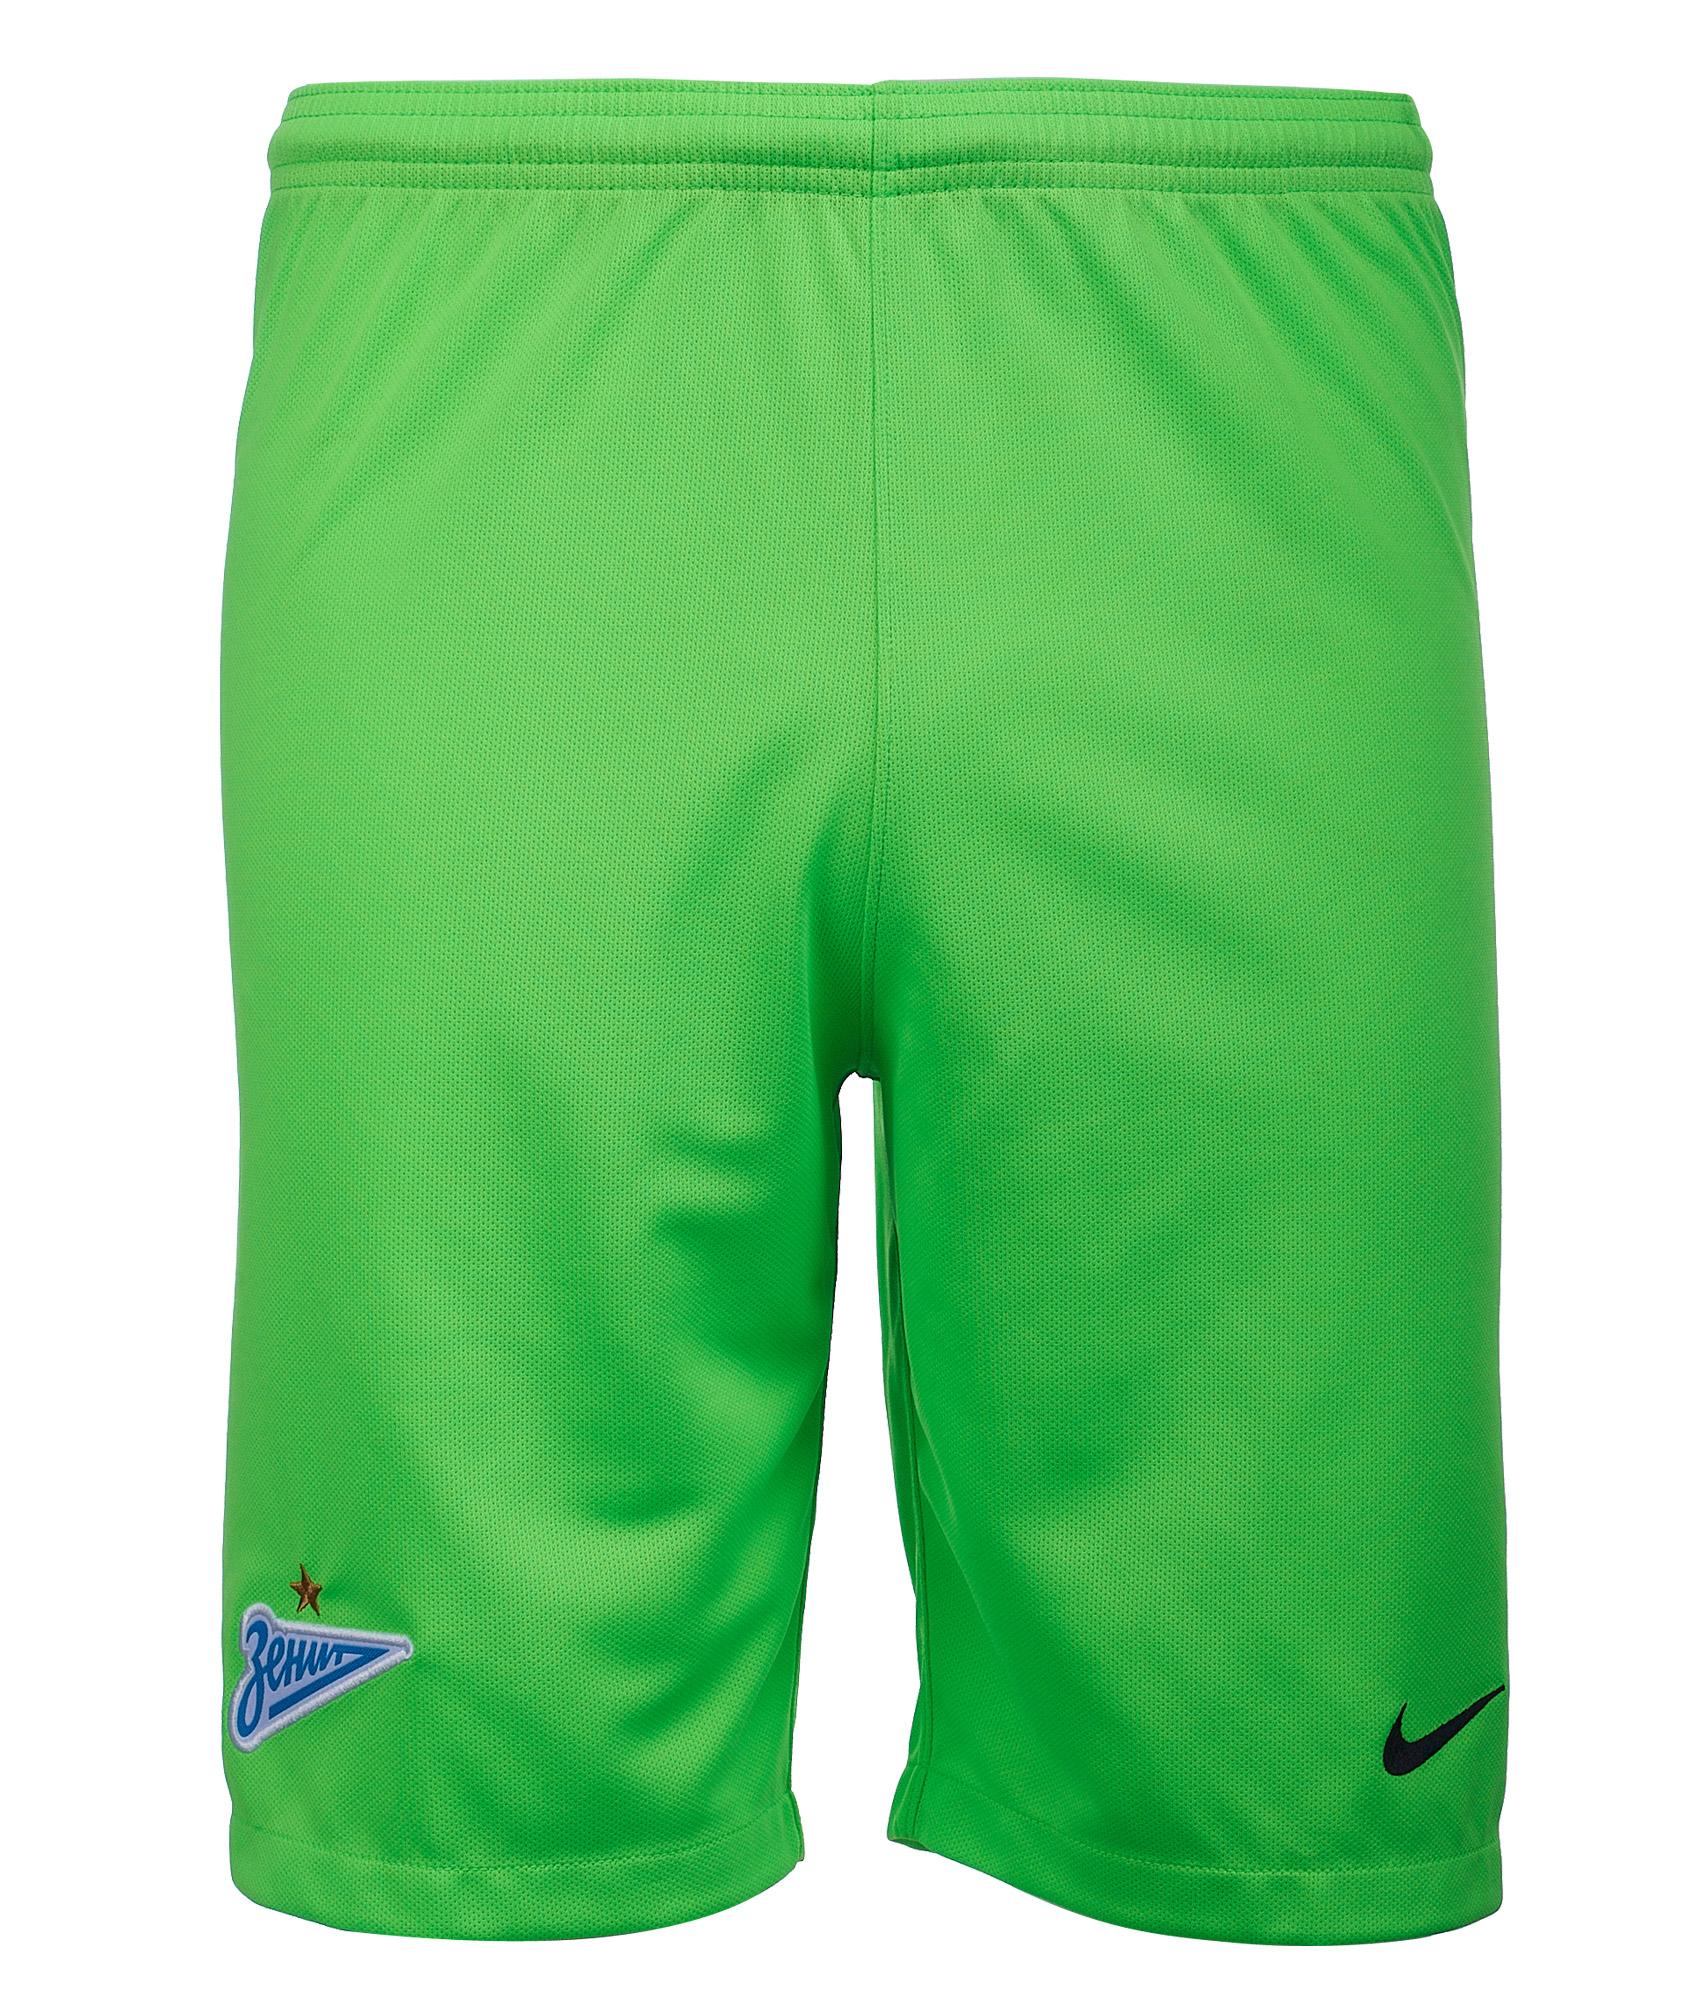 Шорты вратарские подростковые Nike сезона 2018/2019 Nike Цвет-Зеленый